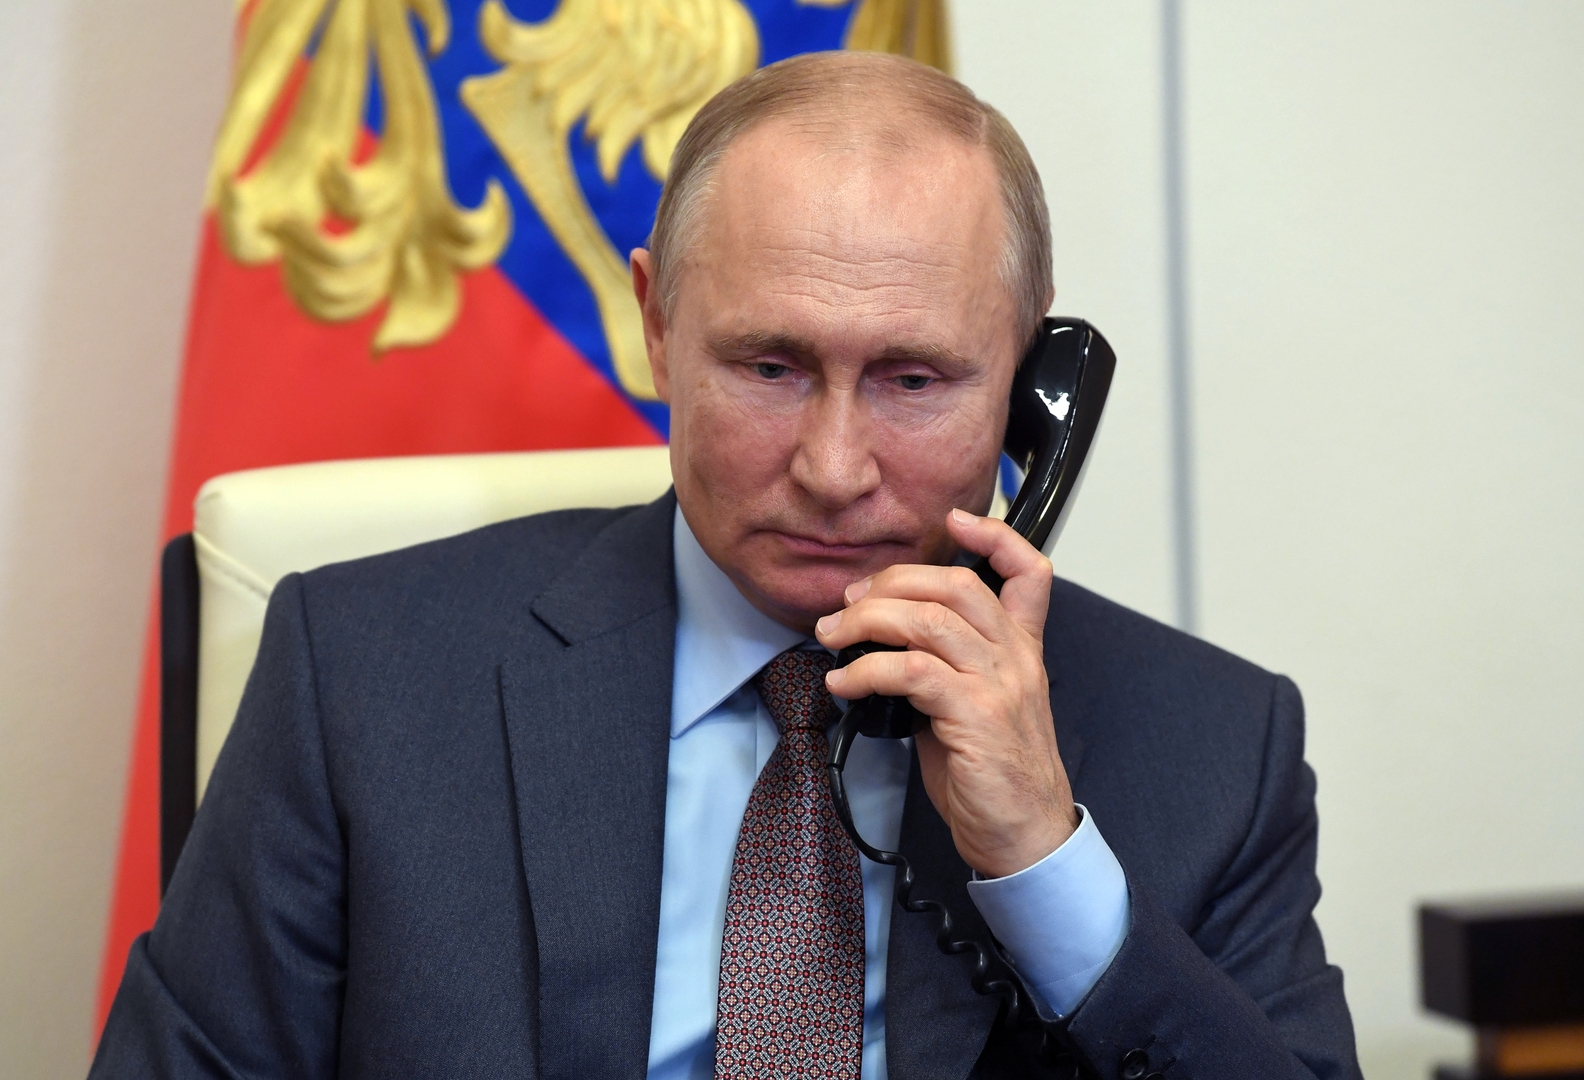 المستشار النمساوي يعرض على بوتين عقد لقائه مع بايدن في فيينا